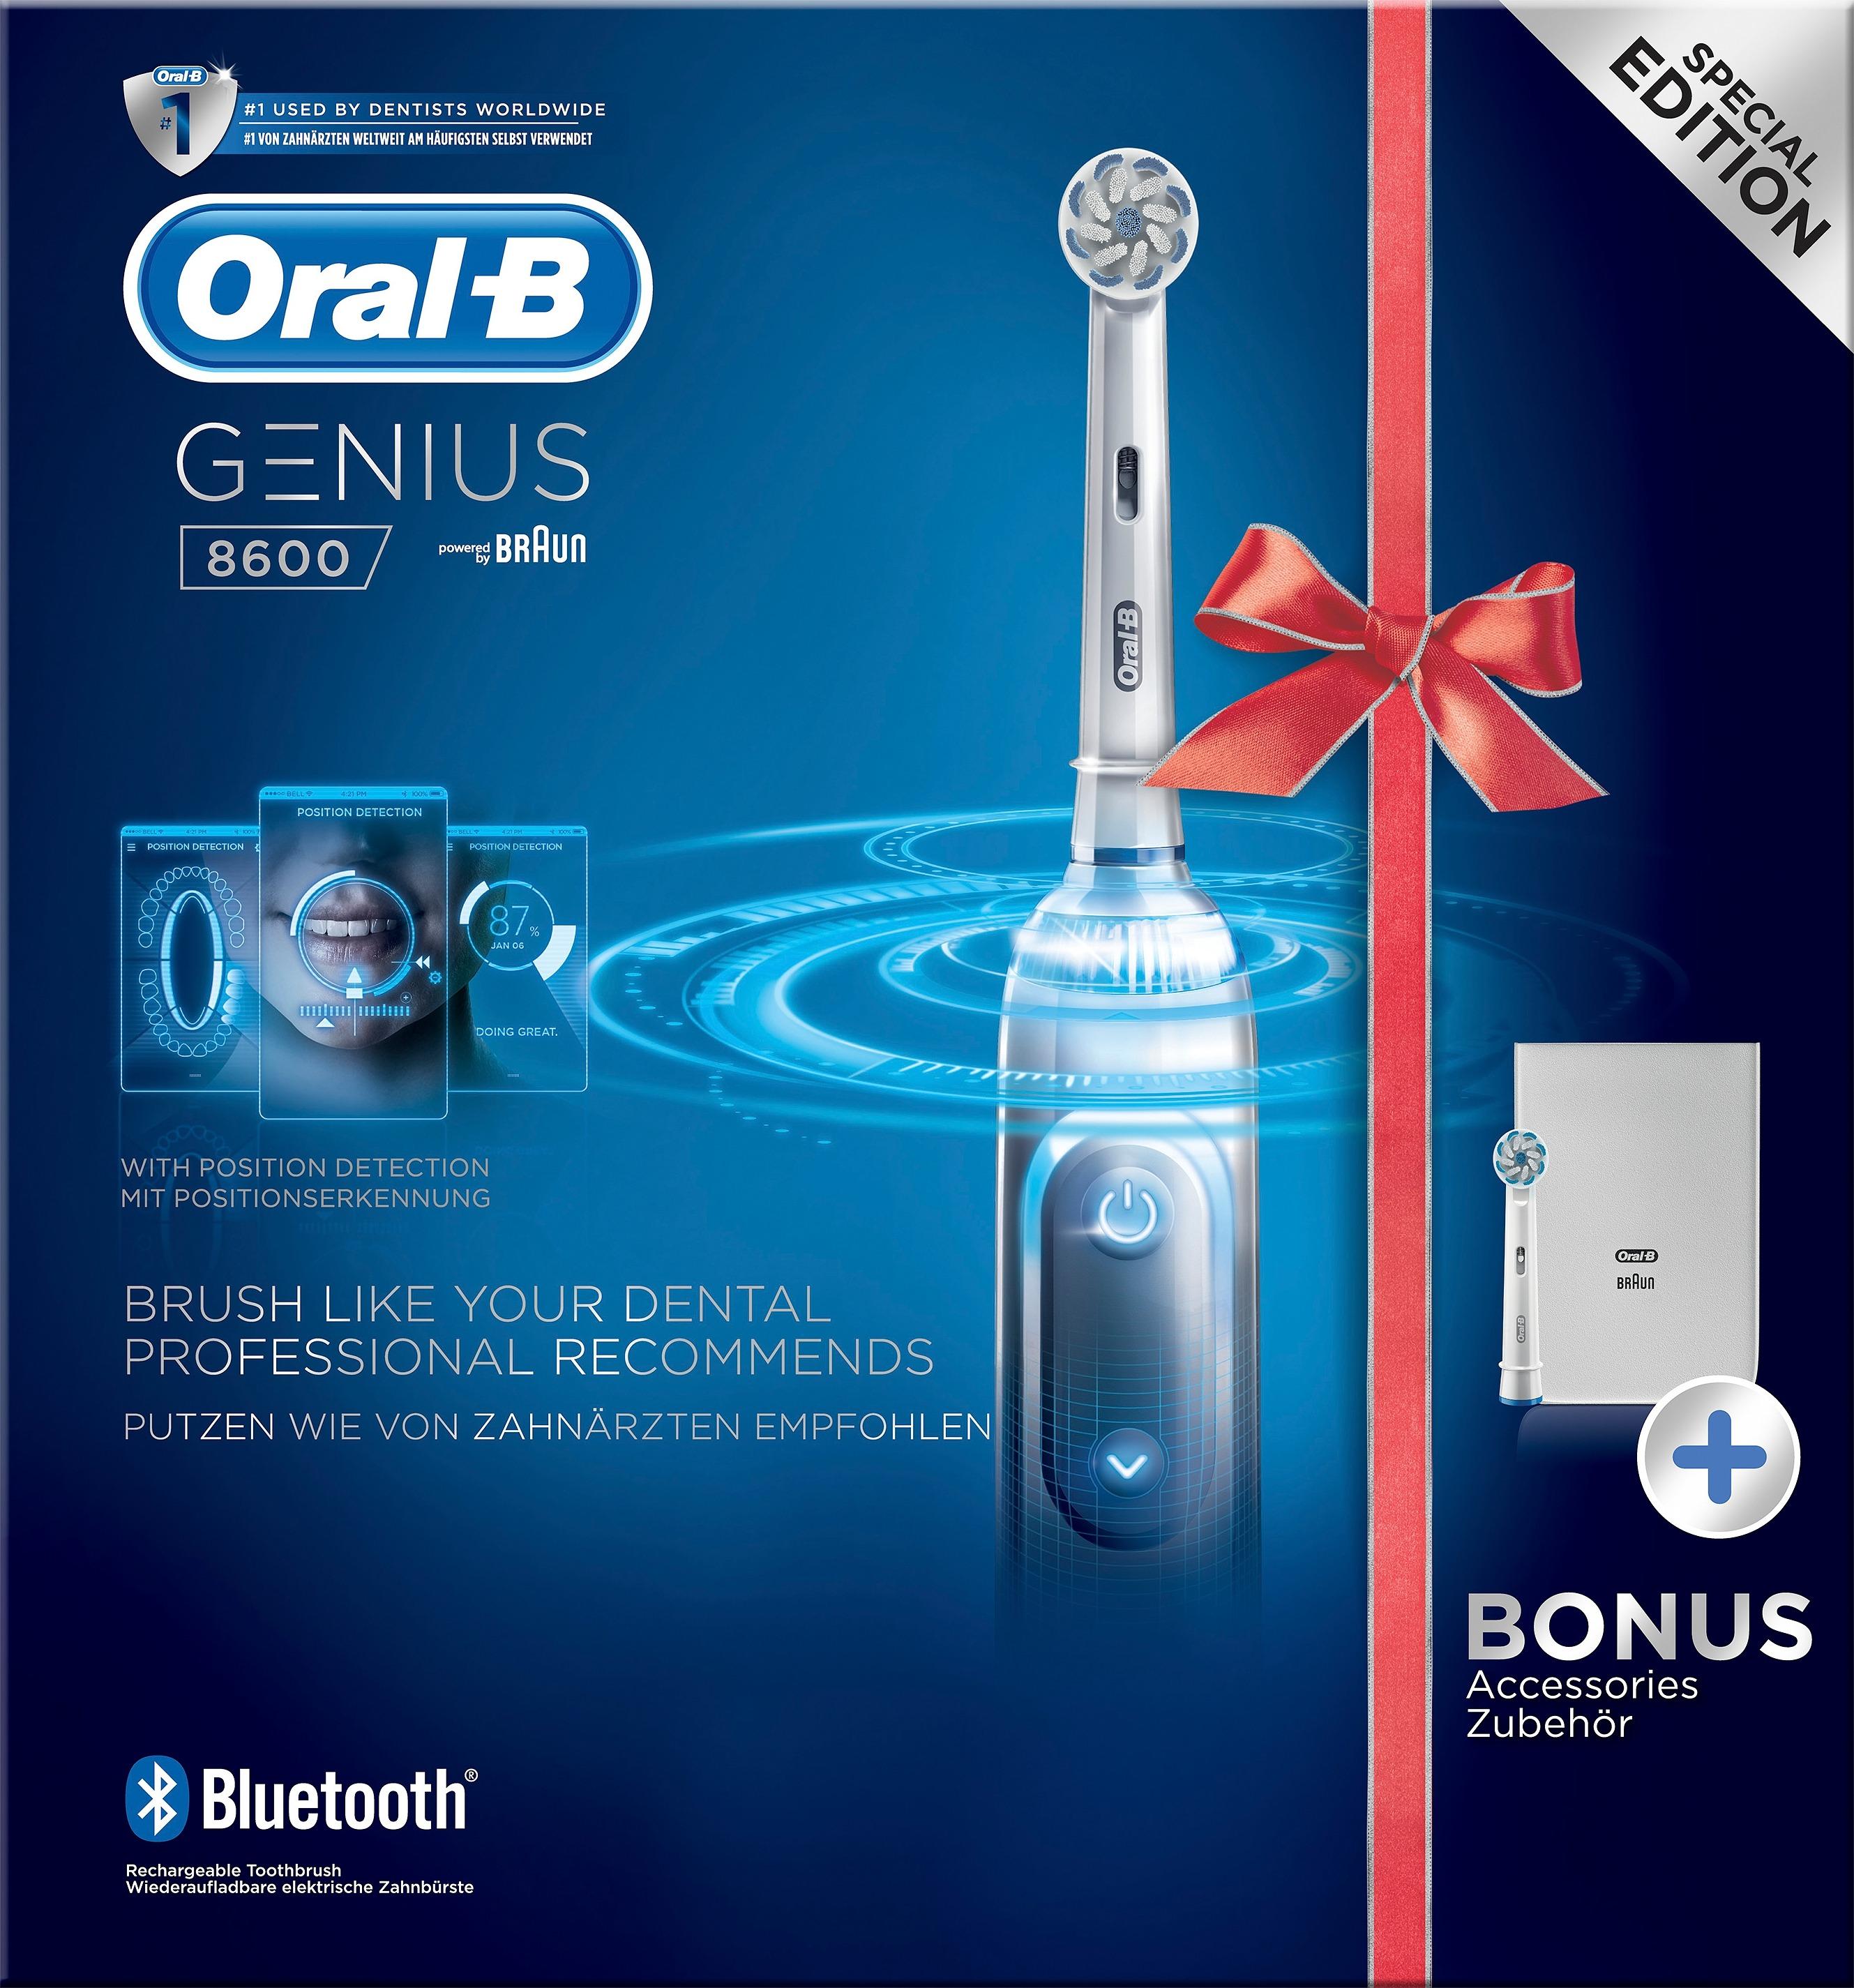 Oral-B Genius 8600 eltandbørste, silver